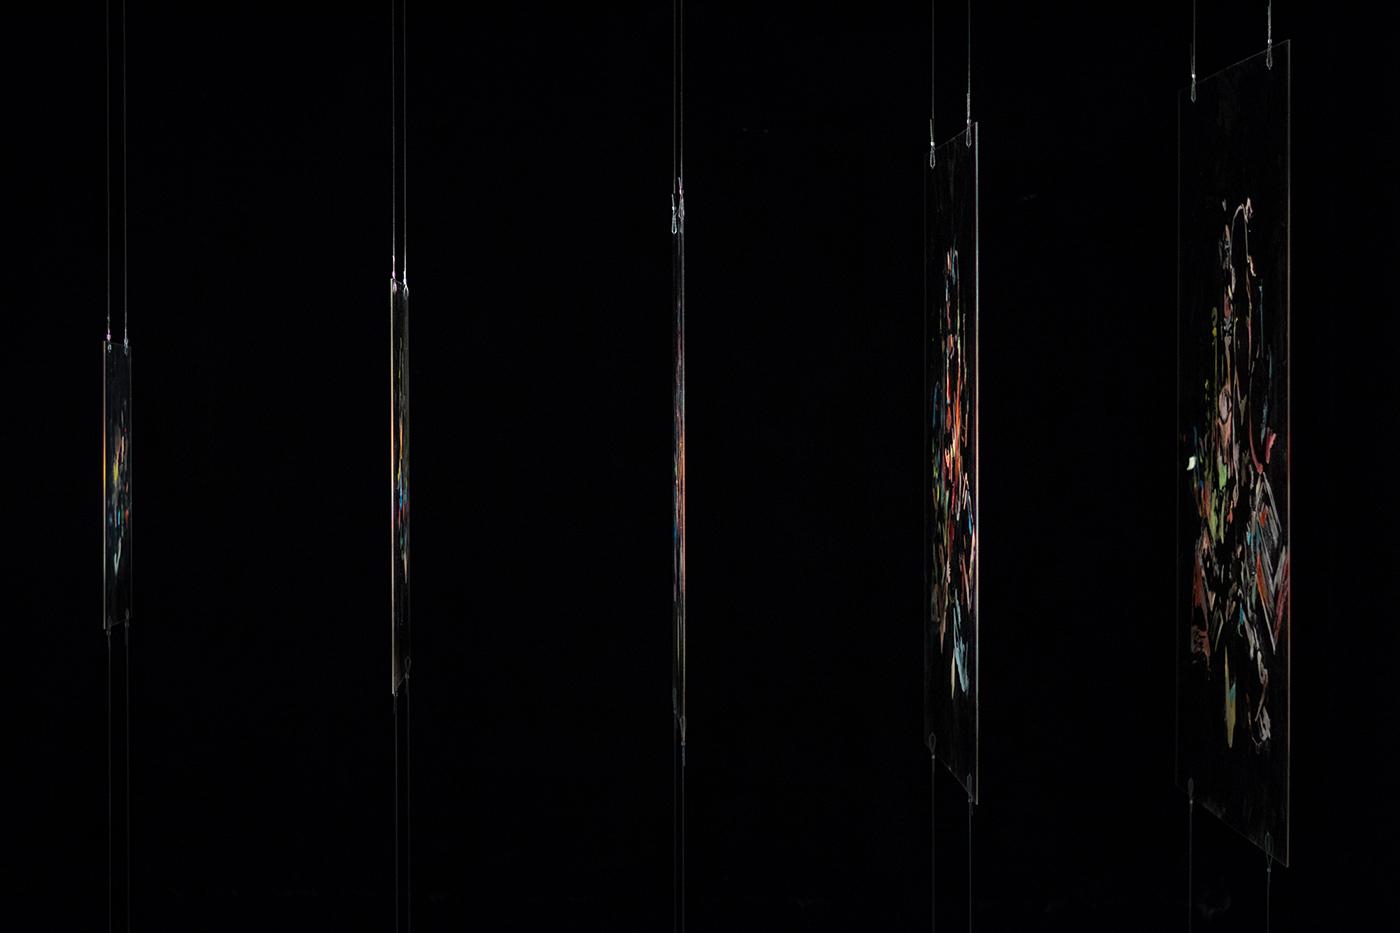 MATIÈRE NOIRE, exhibition by Gonzalo Borondo in Marseille, France Artes & contextos Matière Noire @ Blind Eye Factory 1